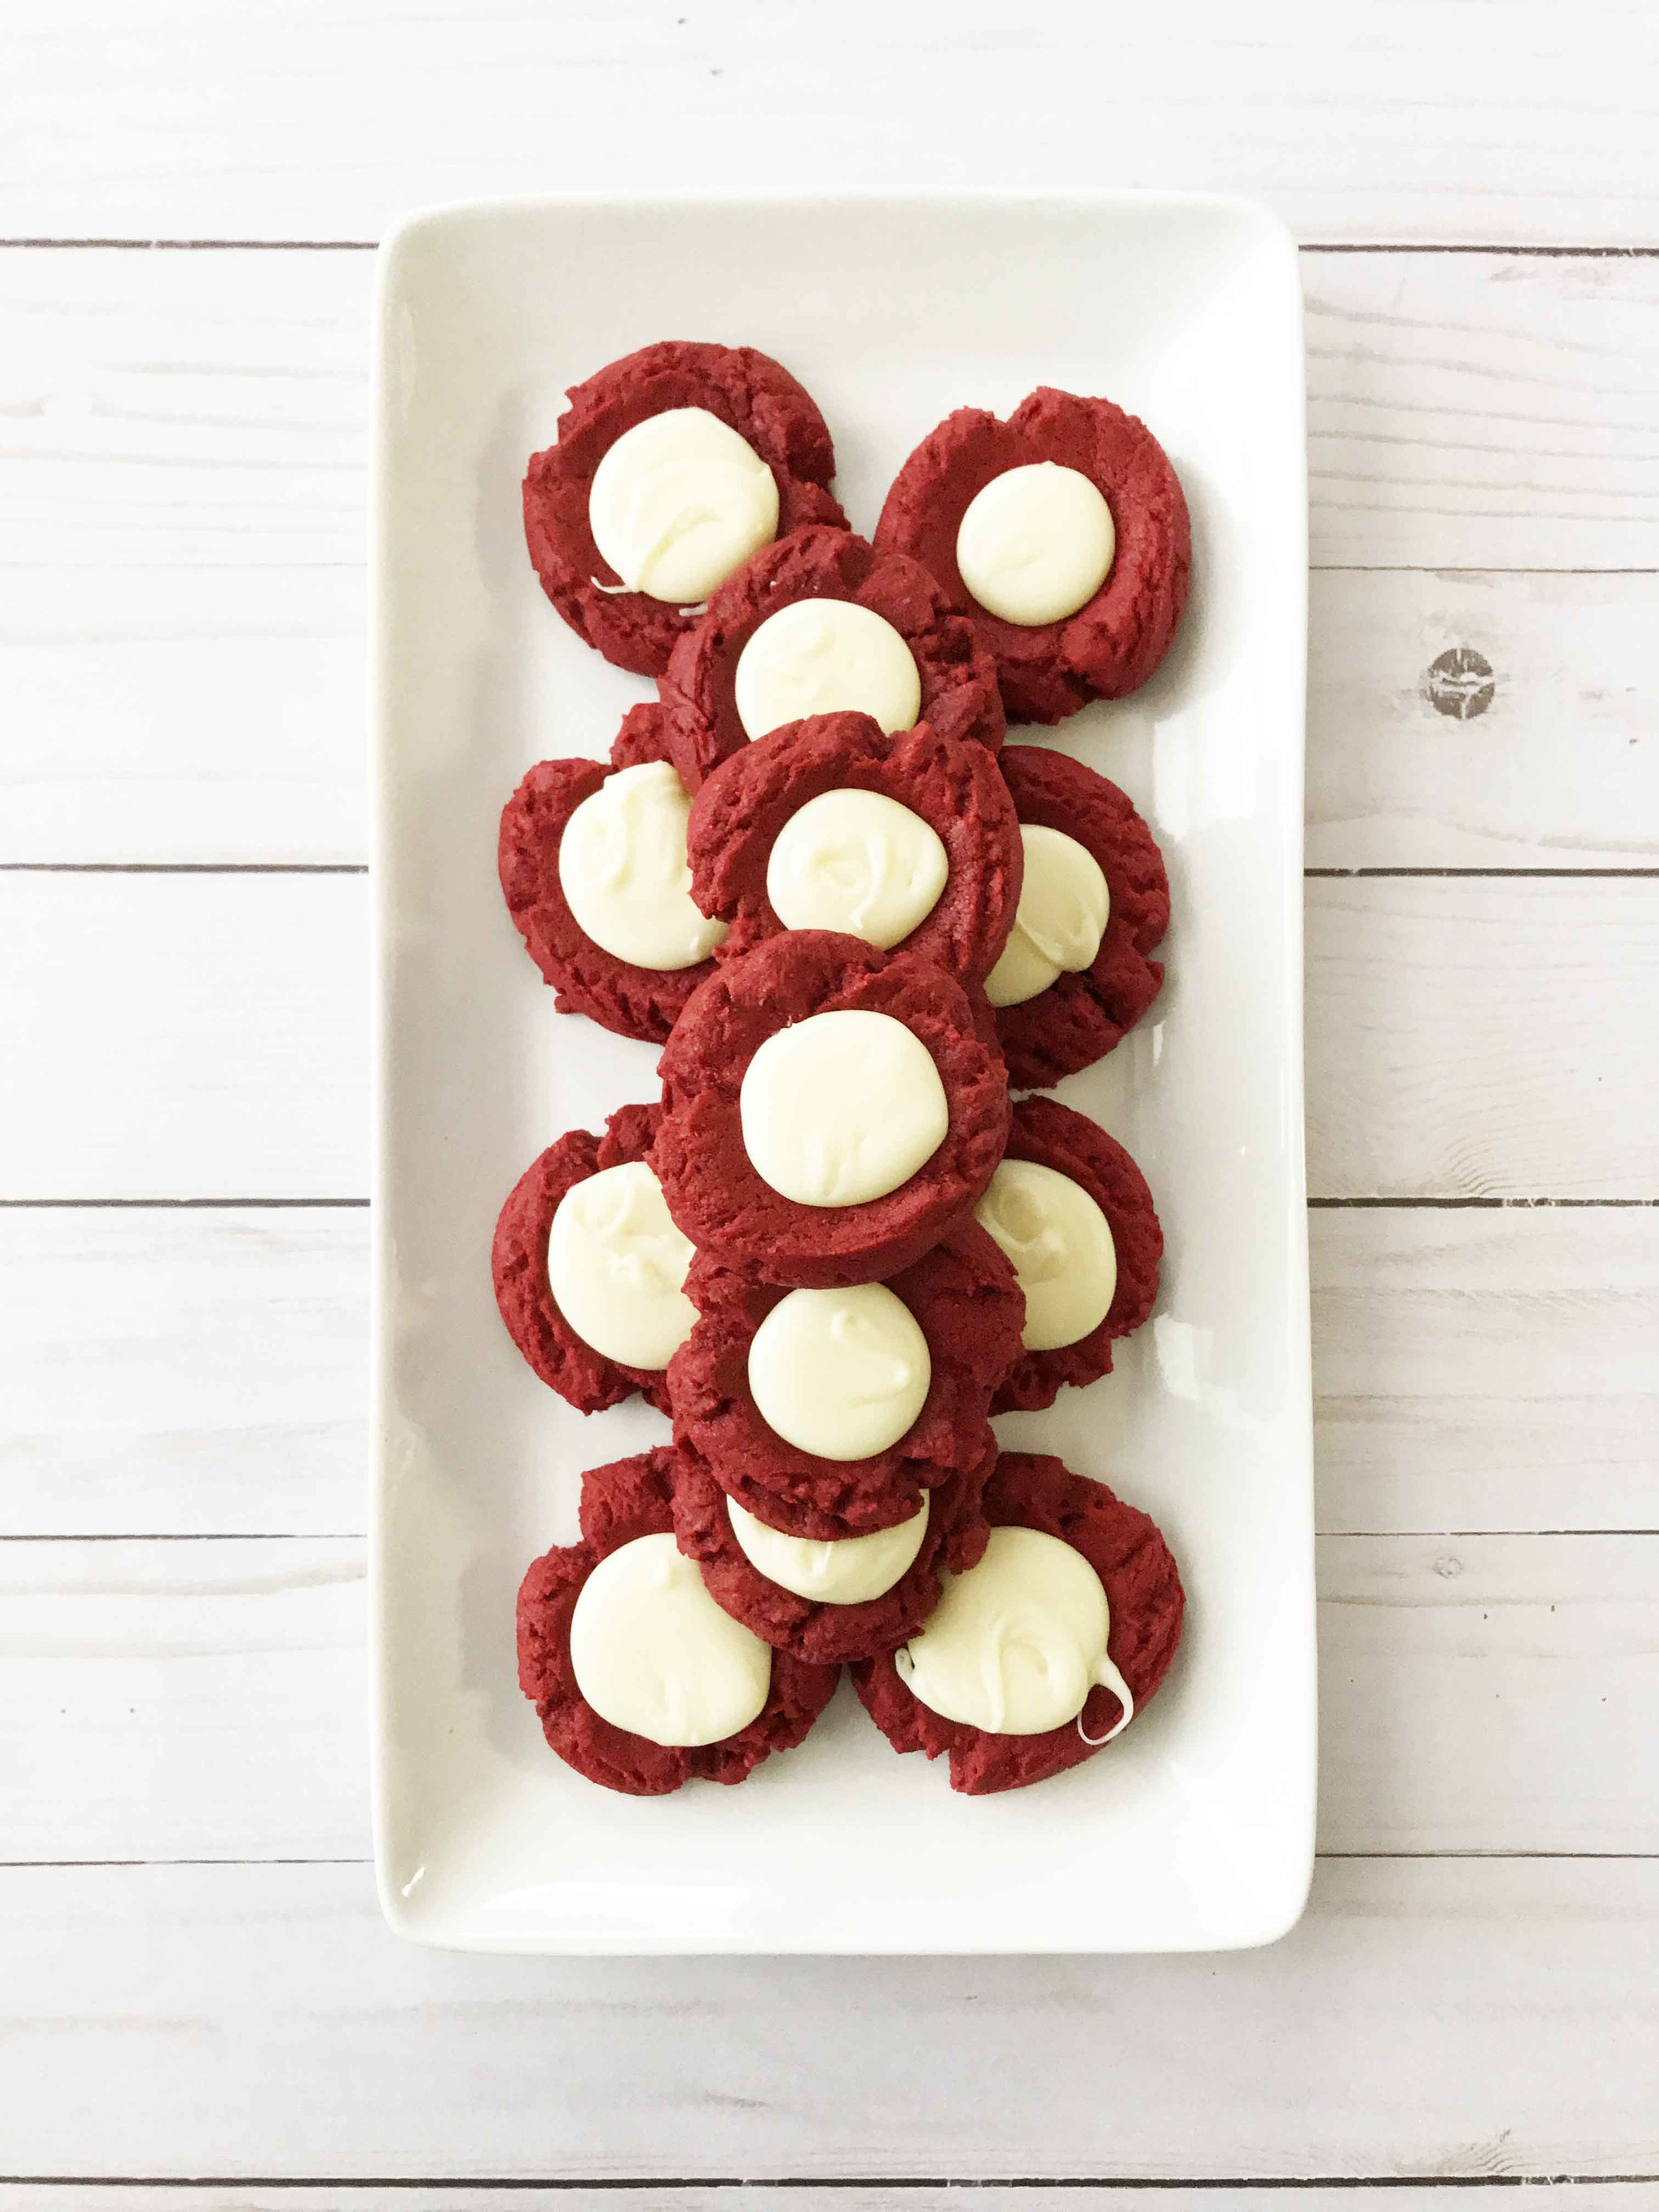 red-velvet-thumbprint-cookies12.jpg